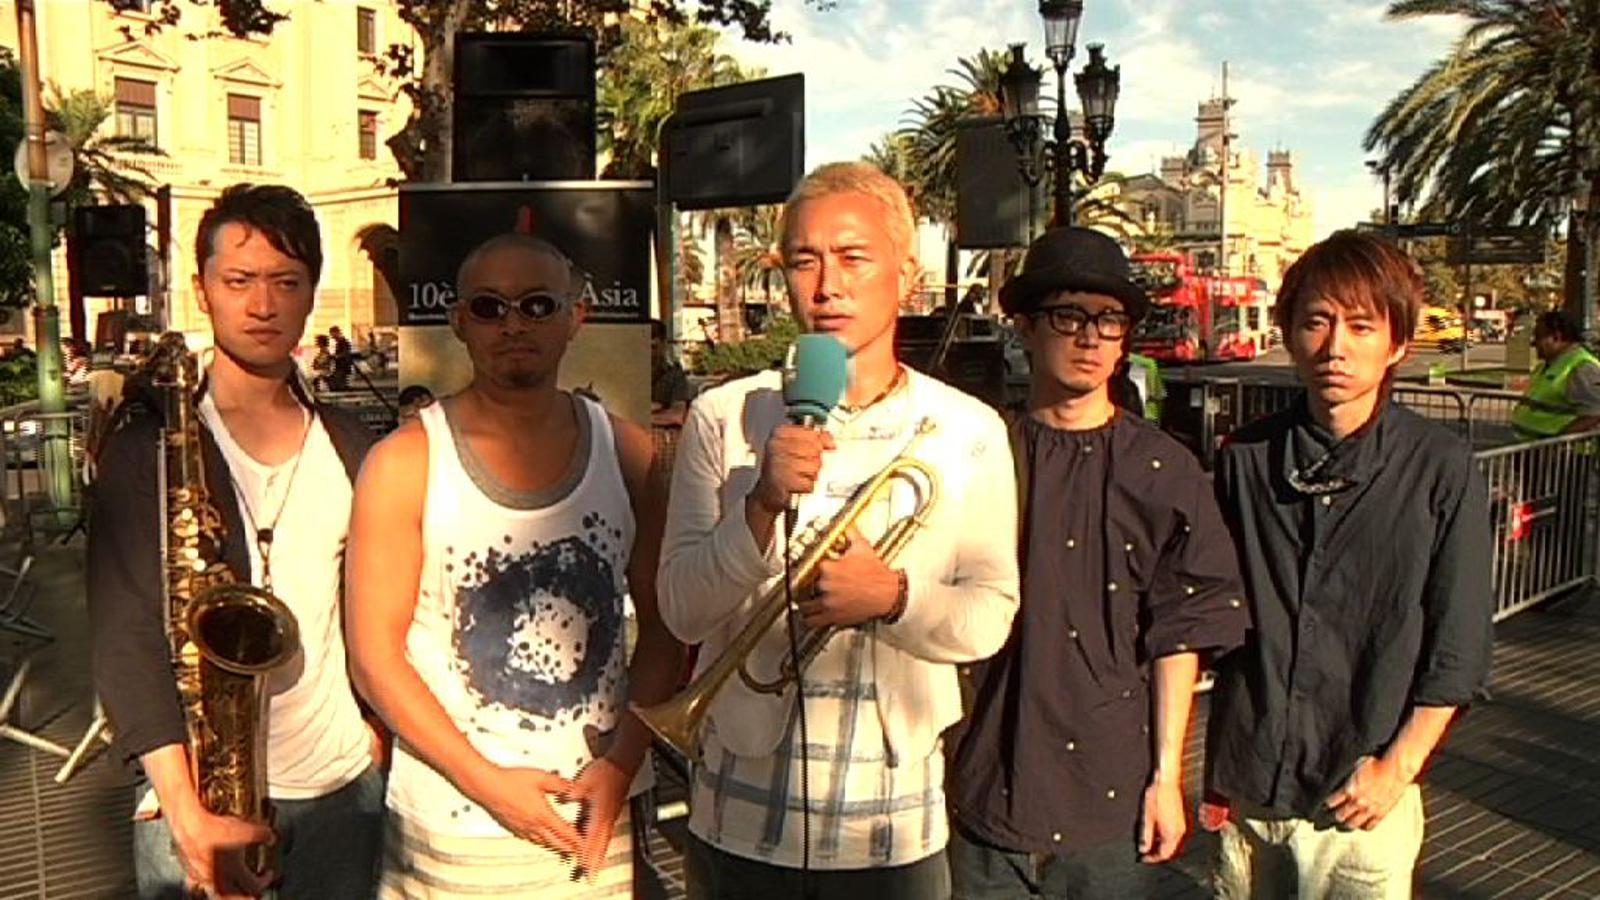 Pe'z: Com que som un grup que hem nascut al carrer, hem decidit tastar els carrers de Barcelona